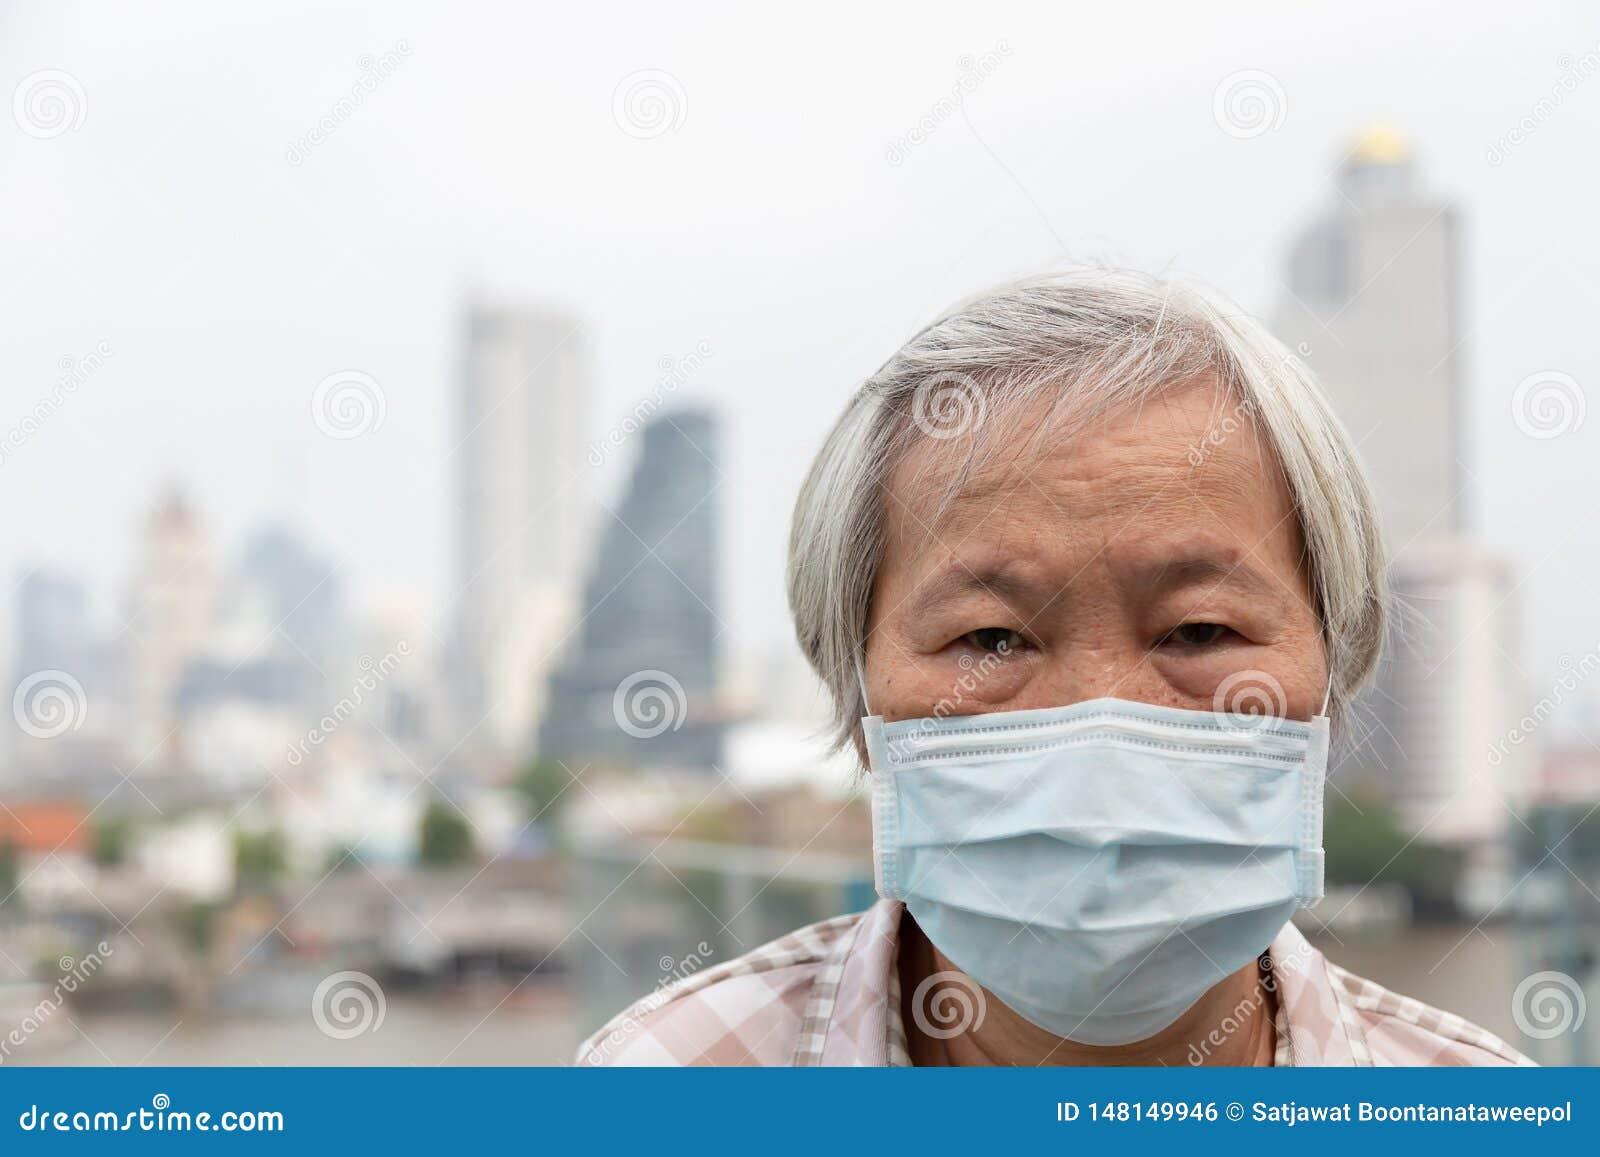 Azjatycka starsza kobieta z twarzy maski ochron?, starsza kobieta jest ubranym twarzy mask? przez zanieczyszczenie powietrza w mi